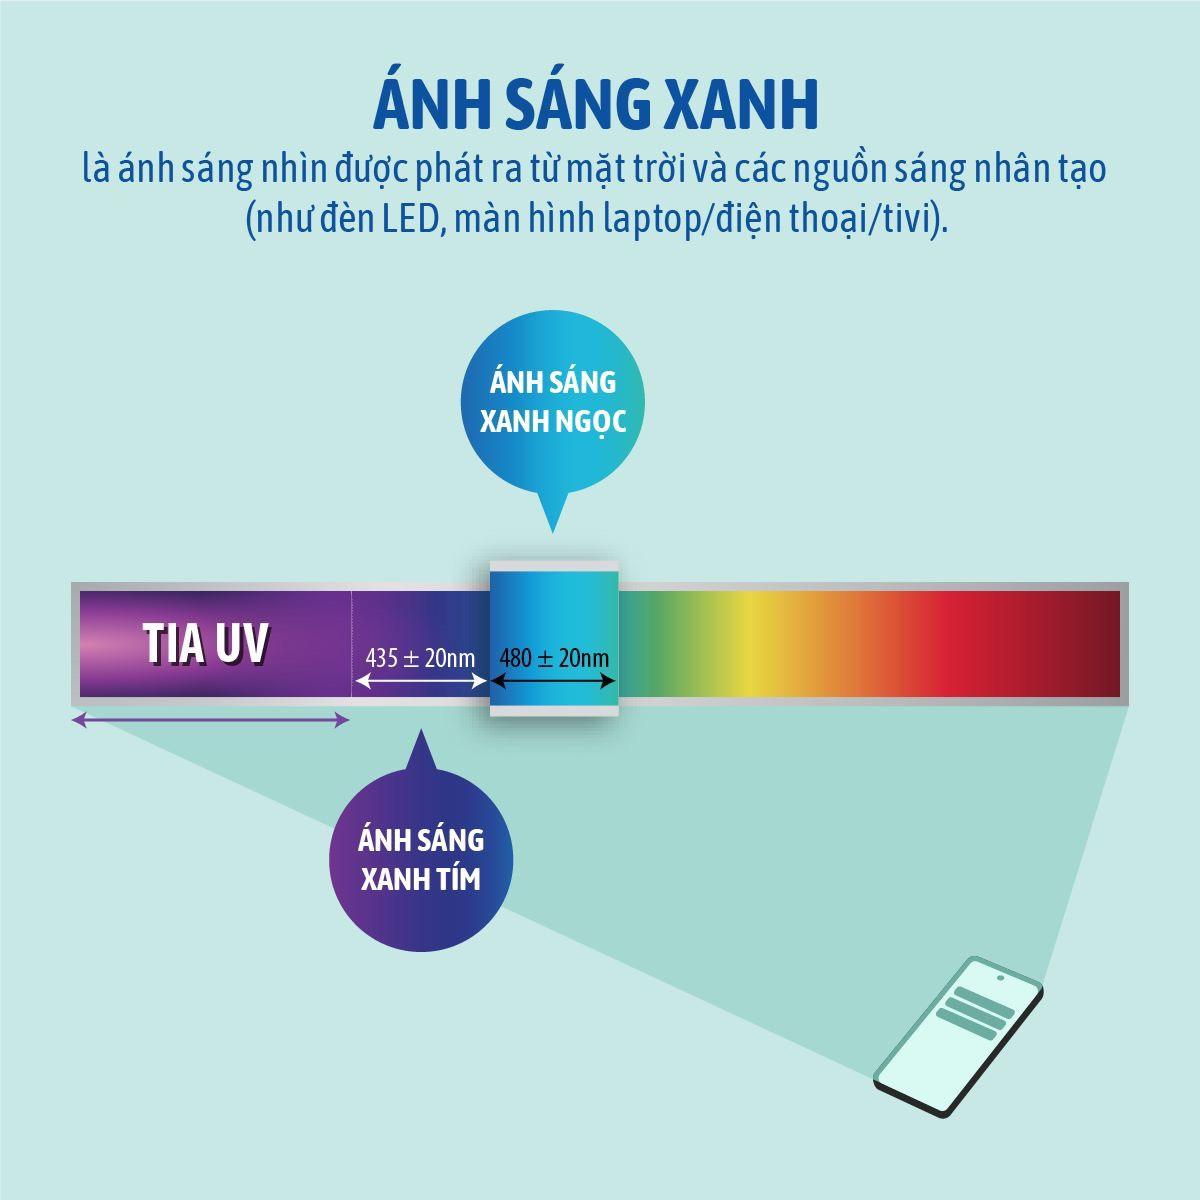 Ánh sáng xanh là gì và nó đang tác động thế nào tới làn da của chúng ta?